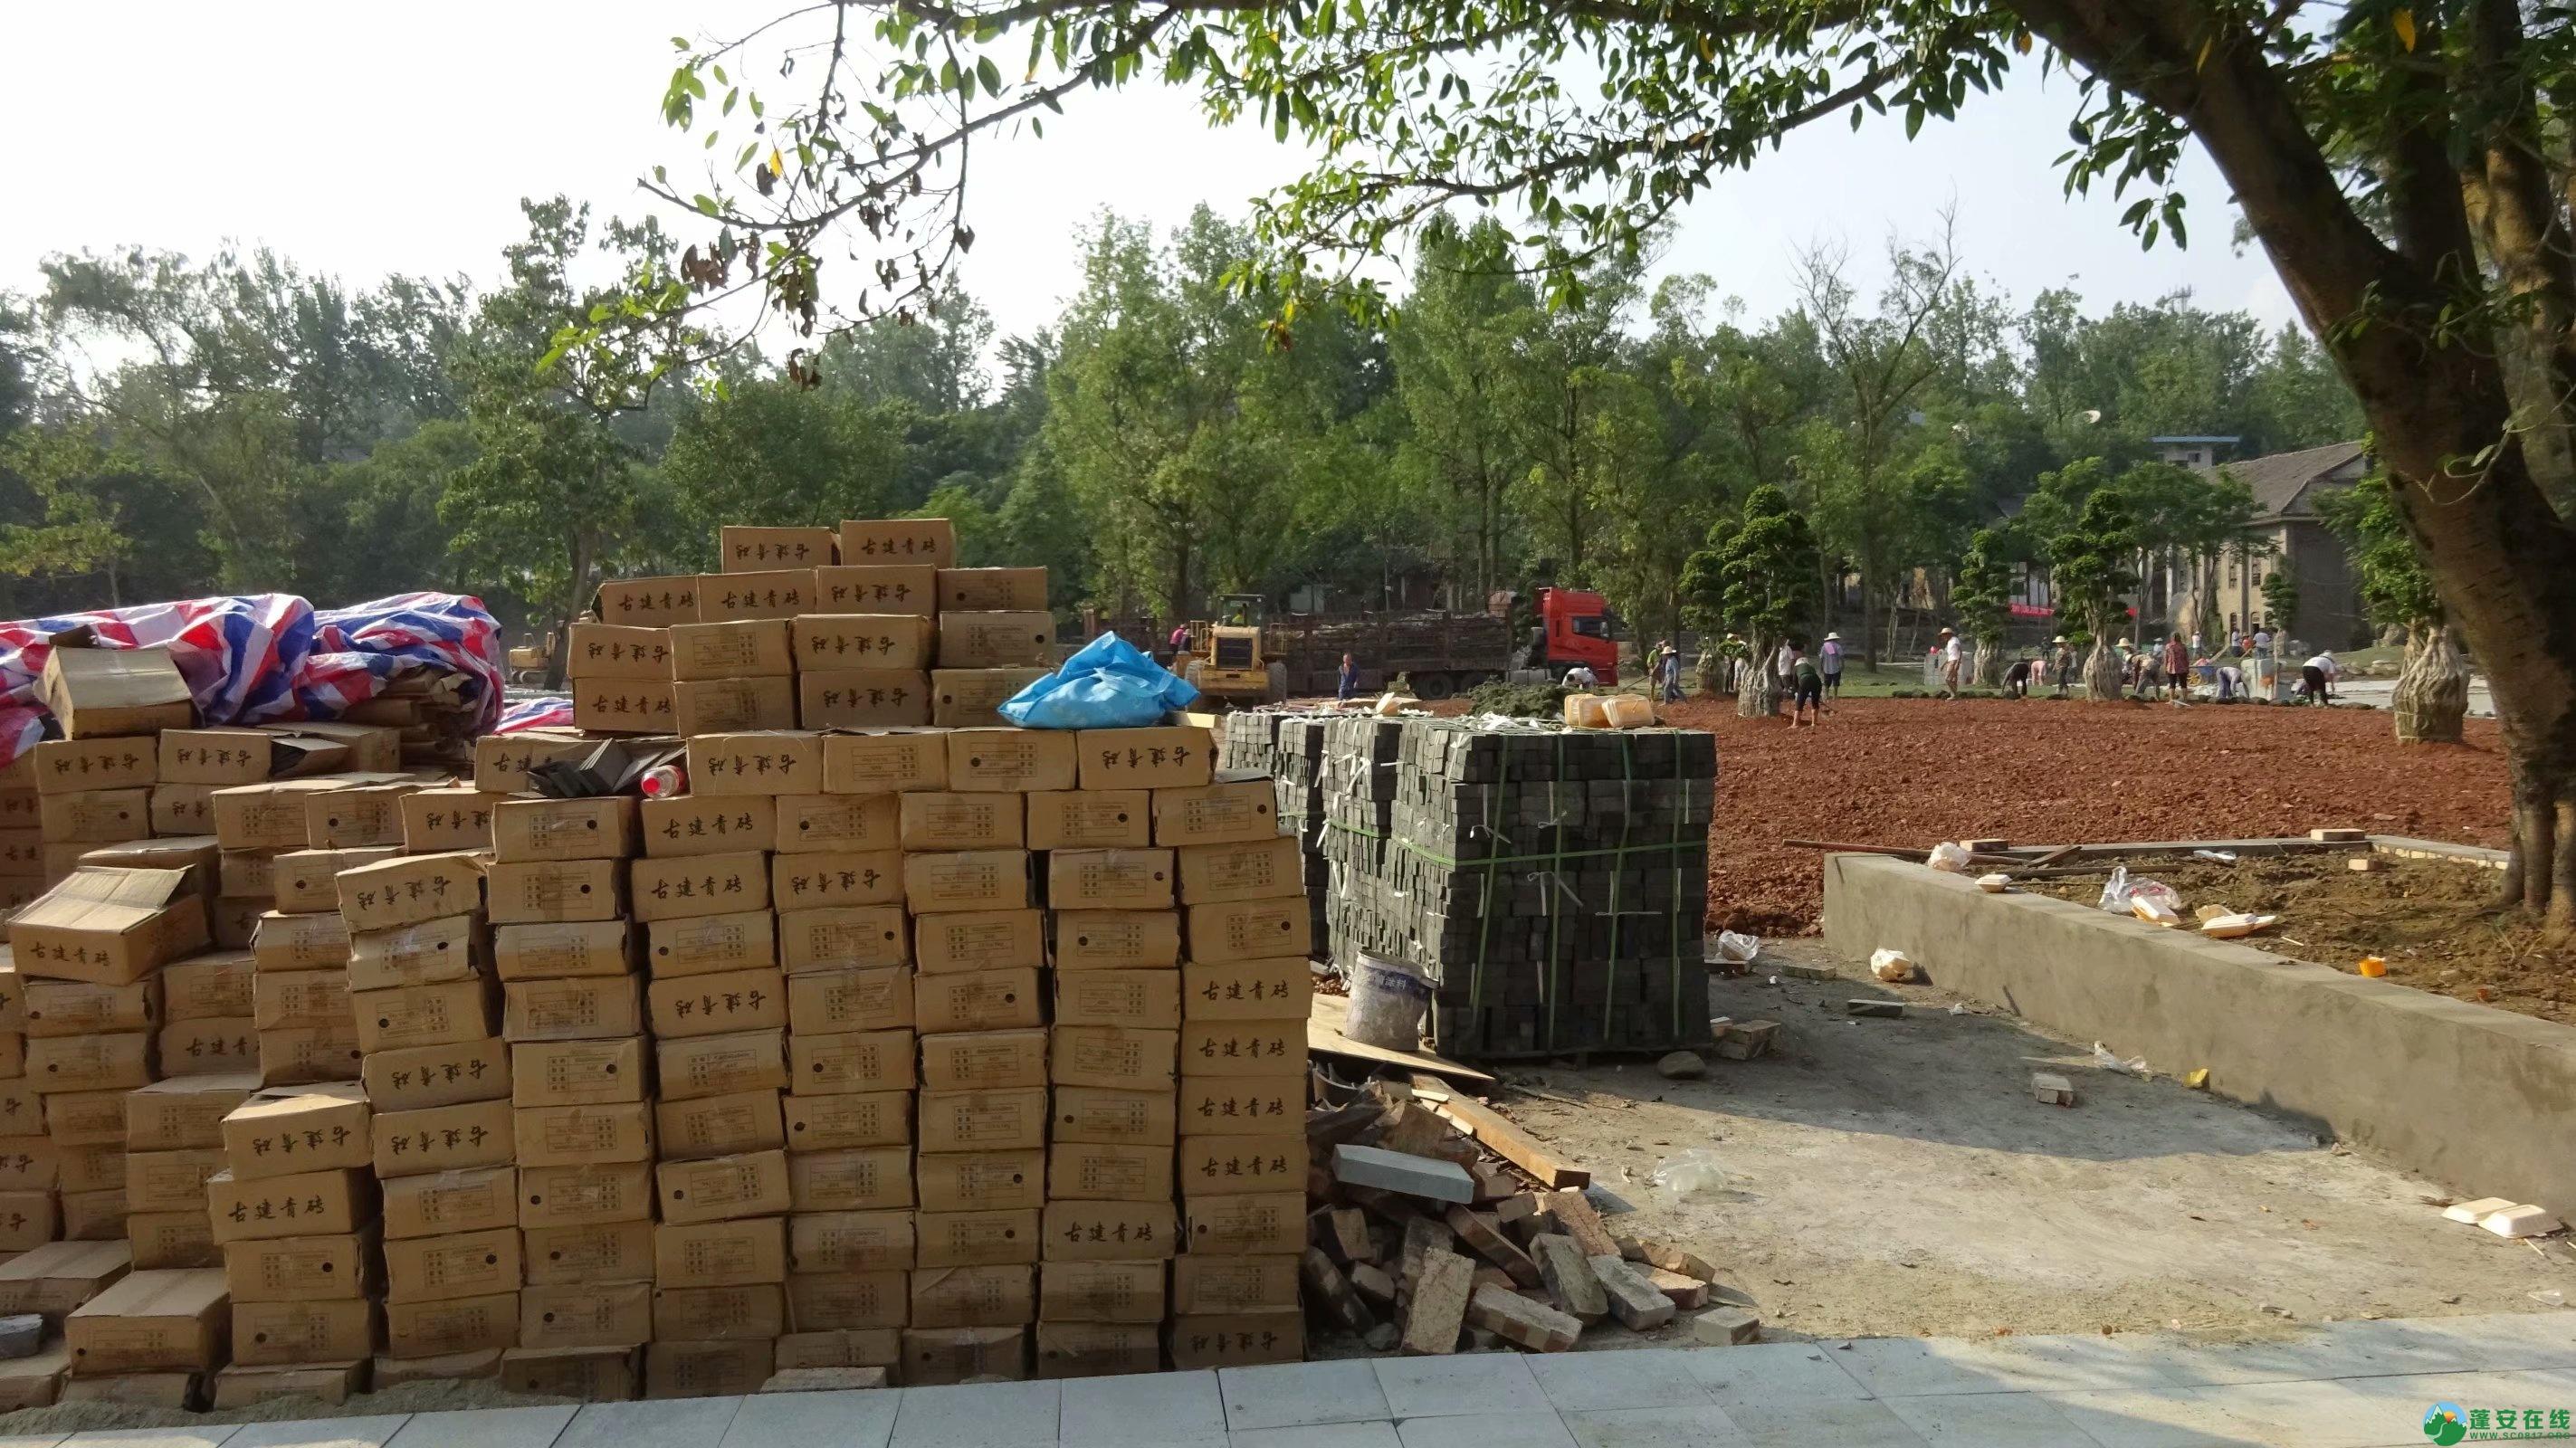 蓬安锦屏相如故城建设迅猛 - 第38张  | 蓬安在线